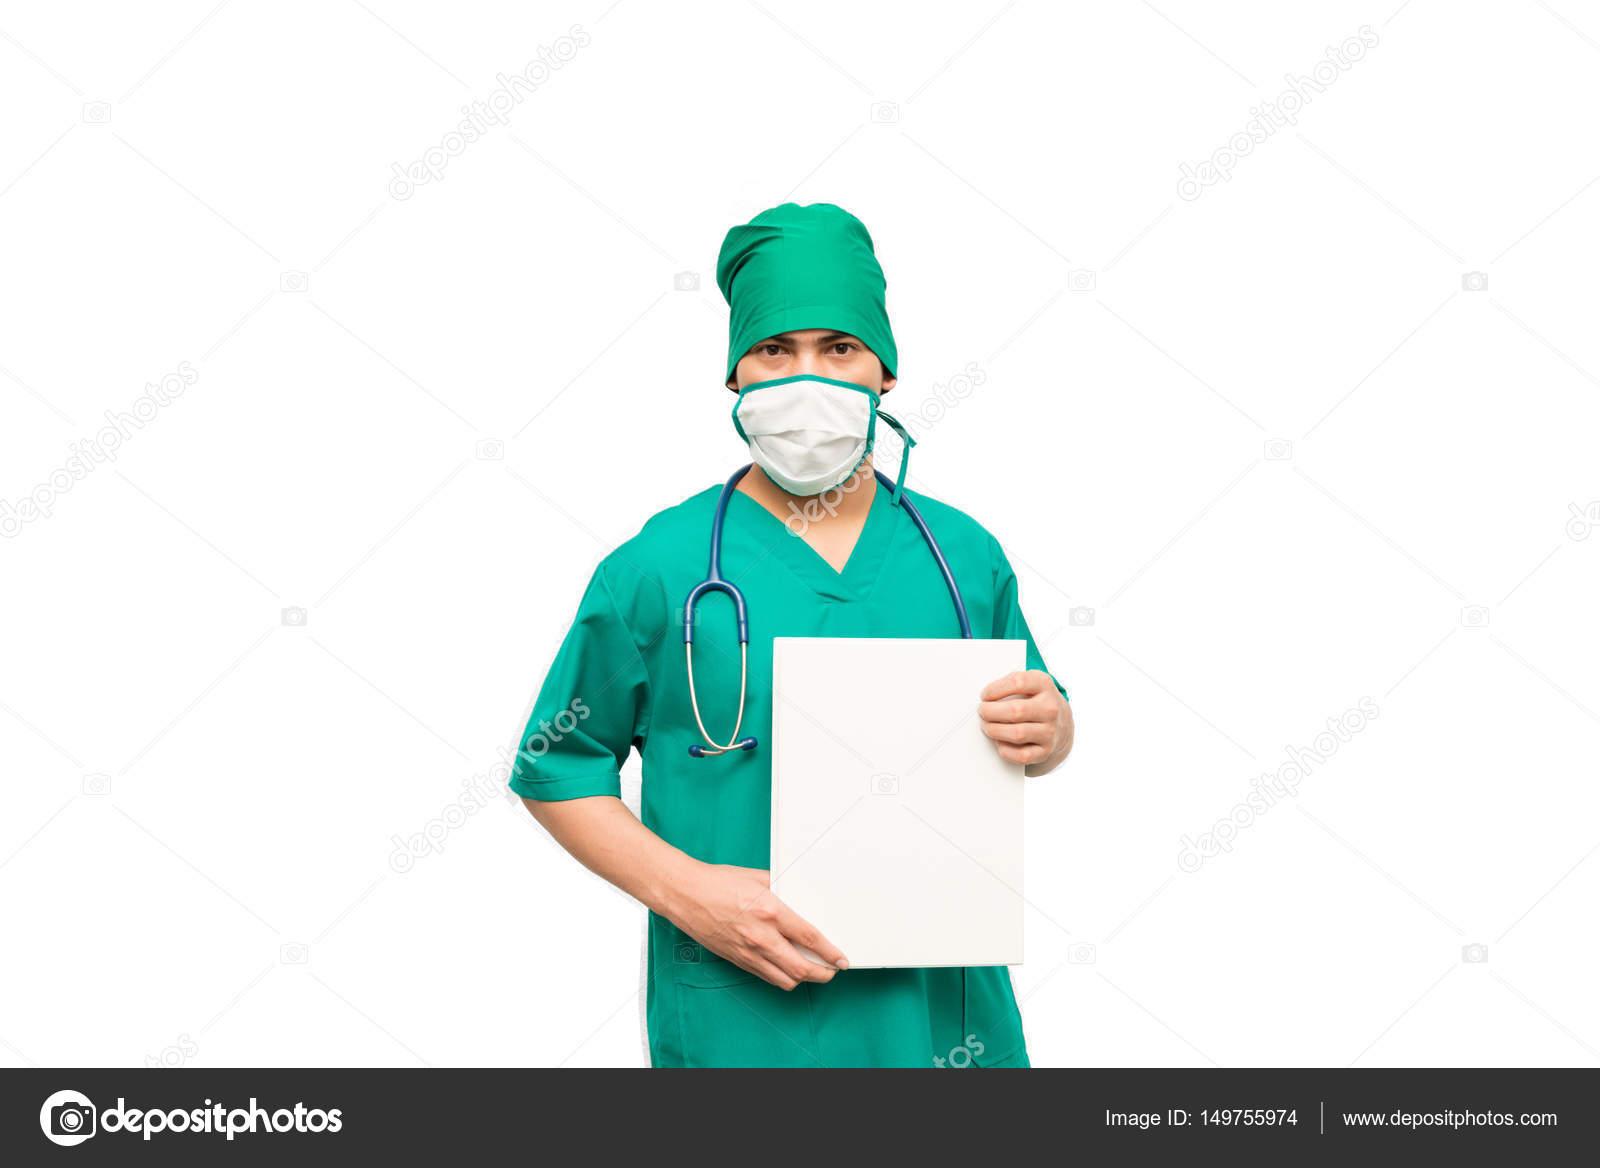 在白色的背景下,用于医疗, 医院, 药物, 医生, 医疗亚洲男性医生建议